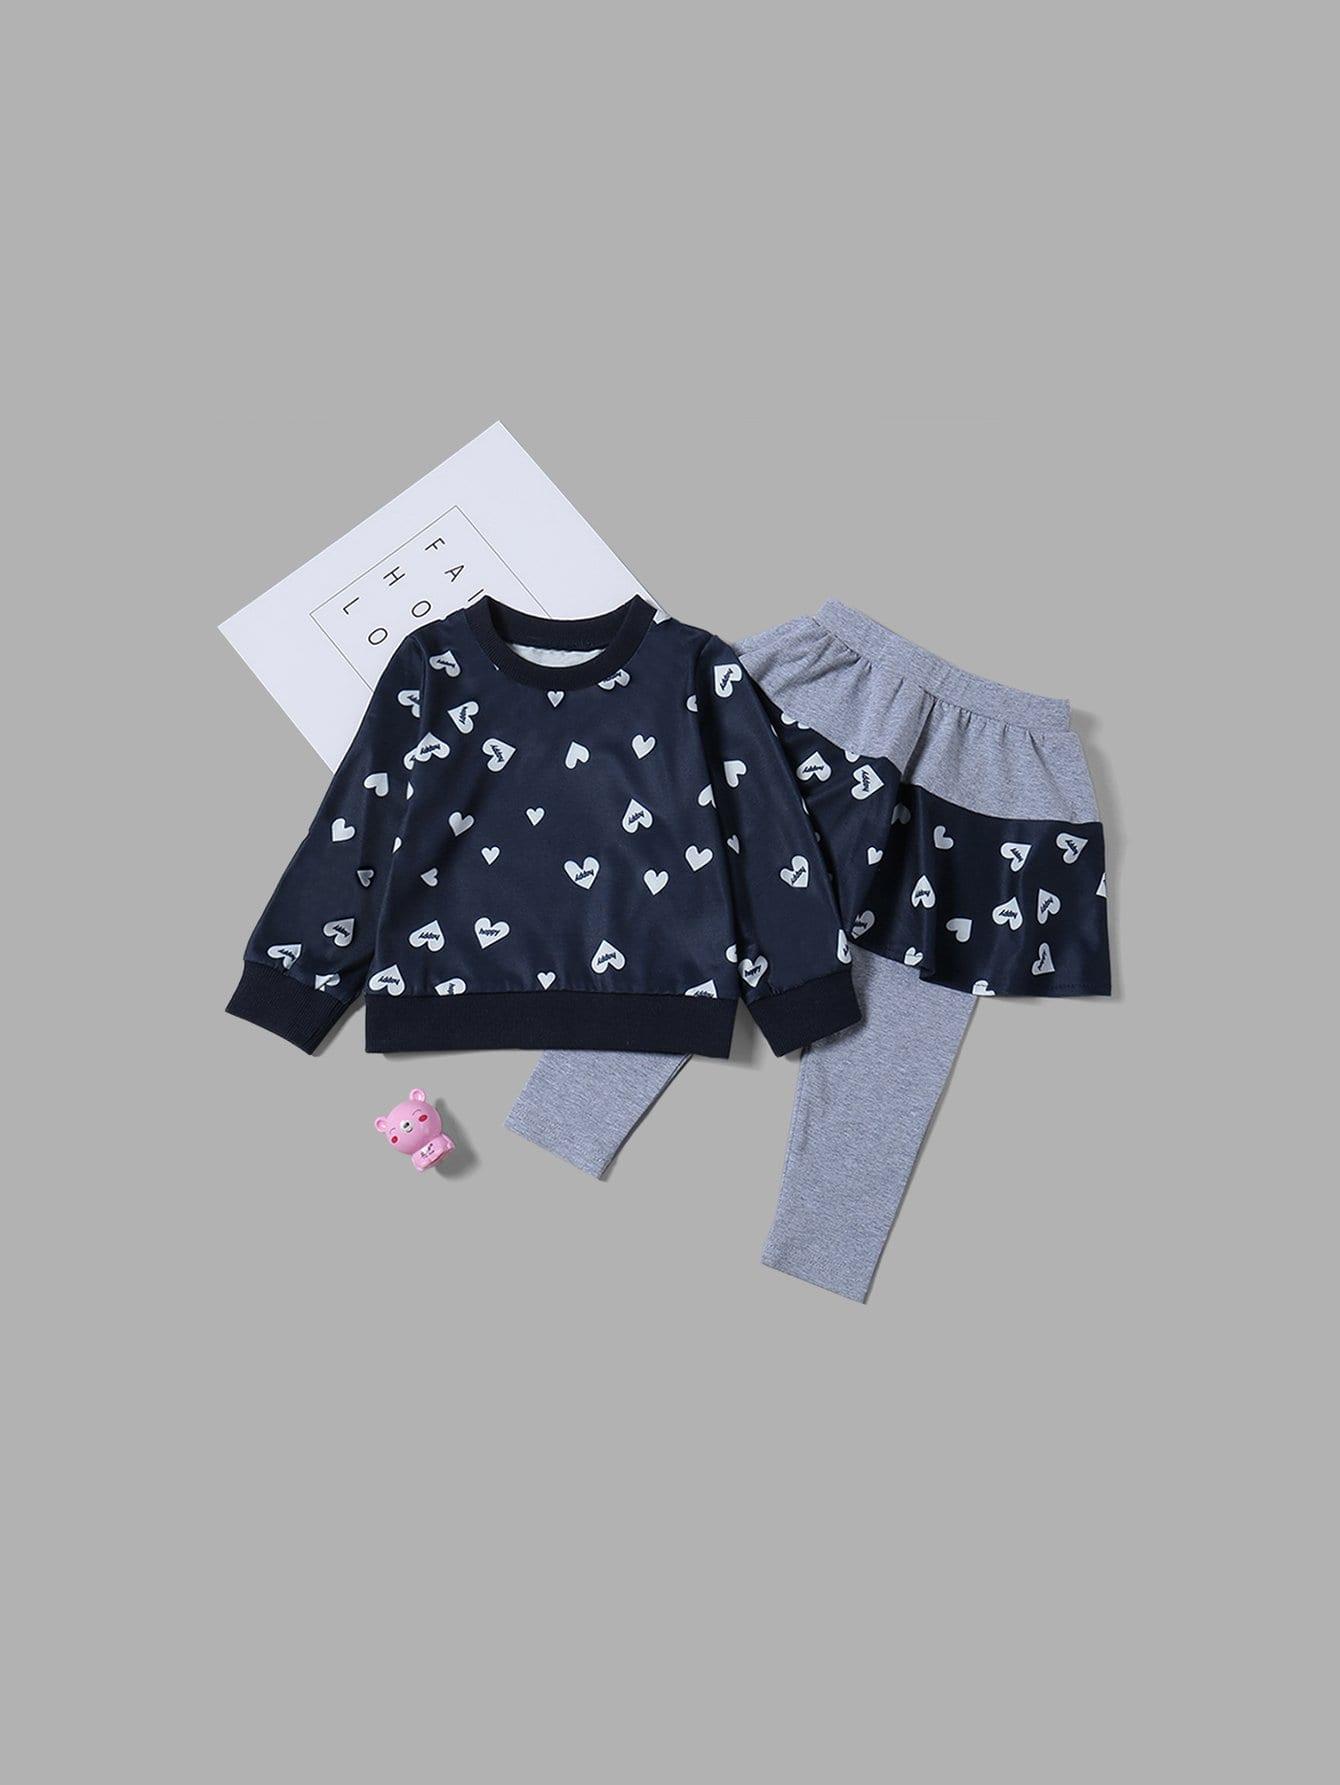 Купить Блуза с рисунками сердца и буквы и брюки для девочки, null, SheIn